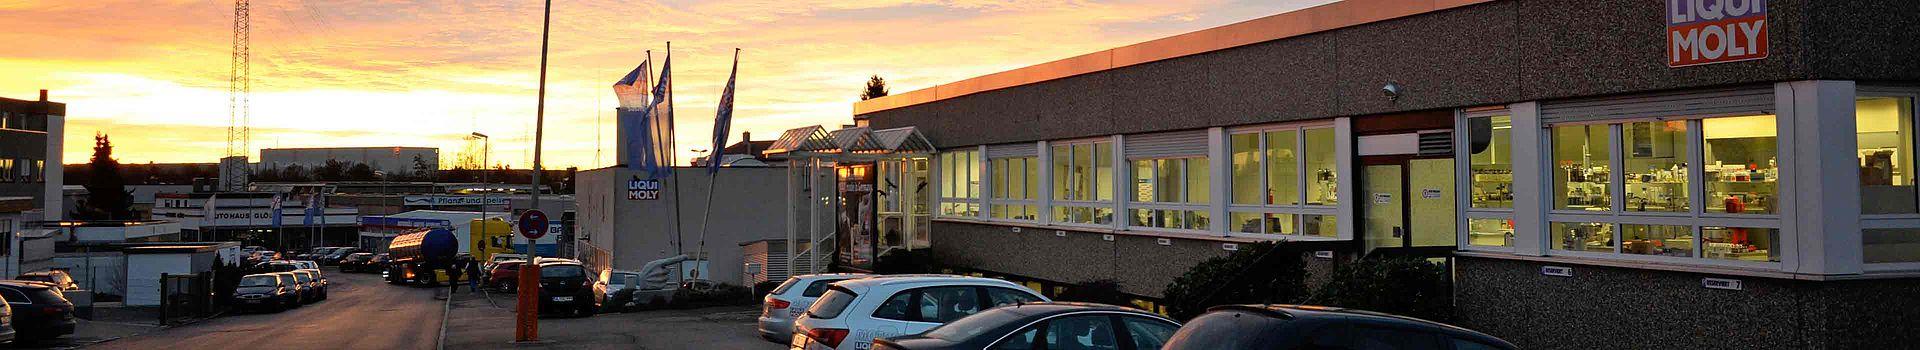 Visual zur Anfahrt an unseren Standort: LIQUI MOLY Standort Ulm in der Abendsonne.